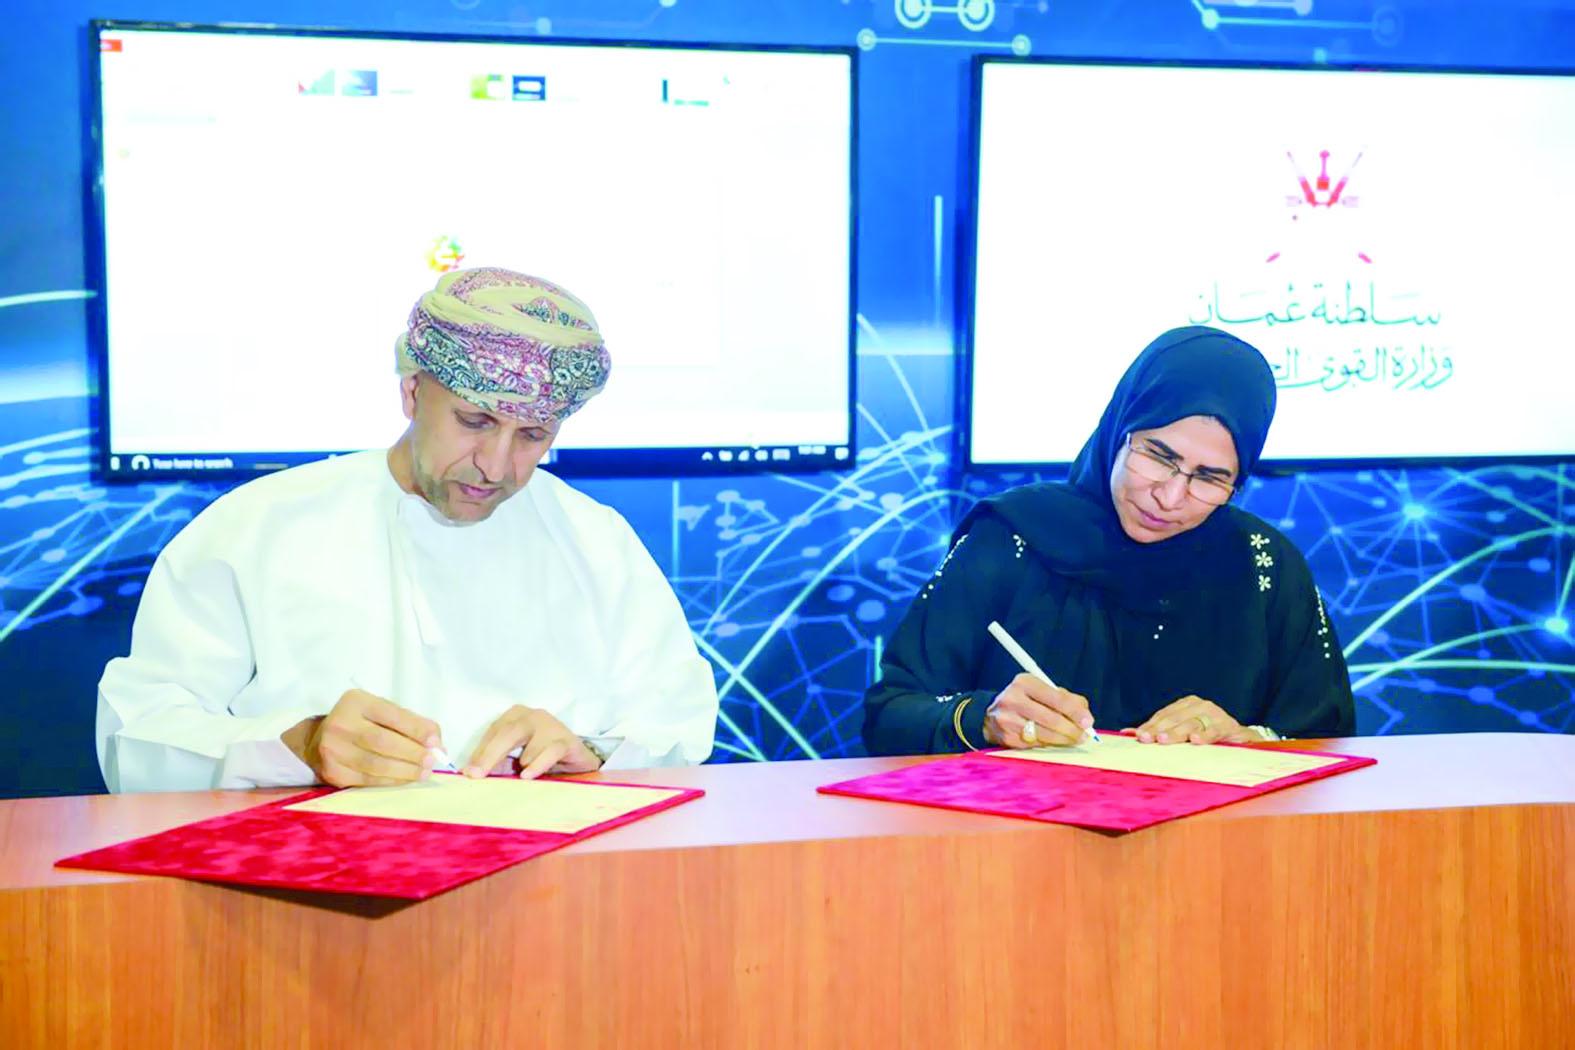 برنامج تعاون بين القوى العاملة و«تقنية المعلومات»